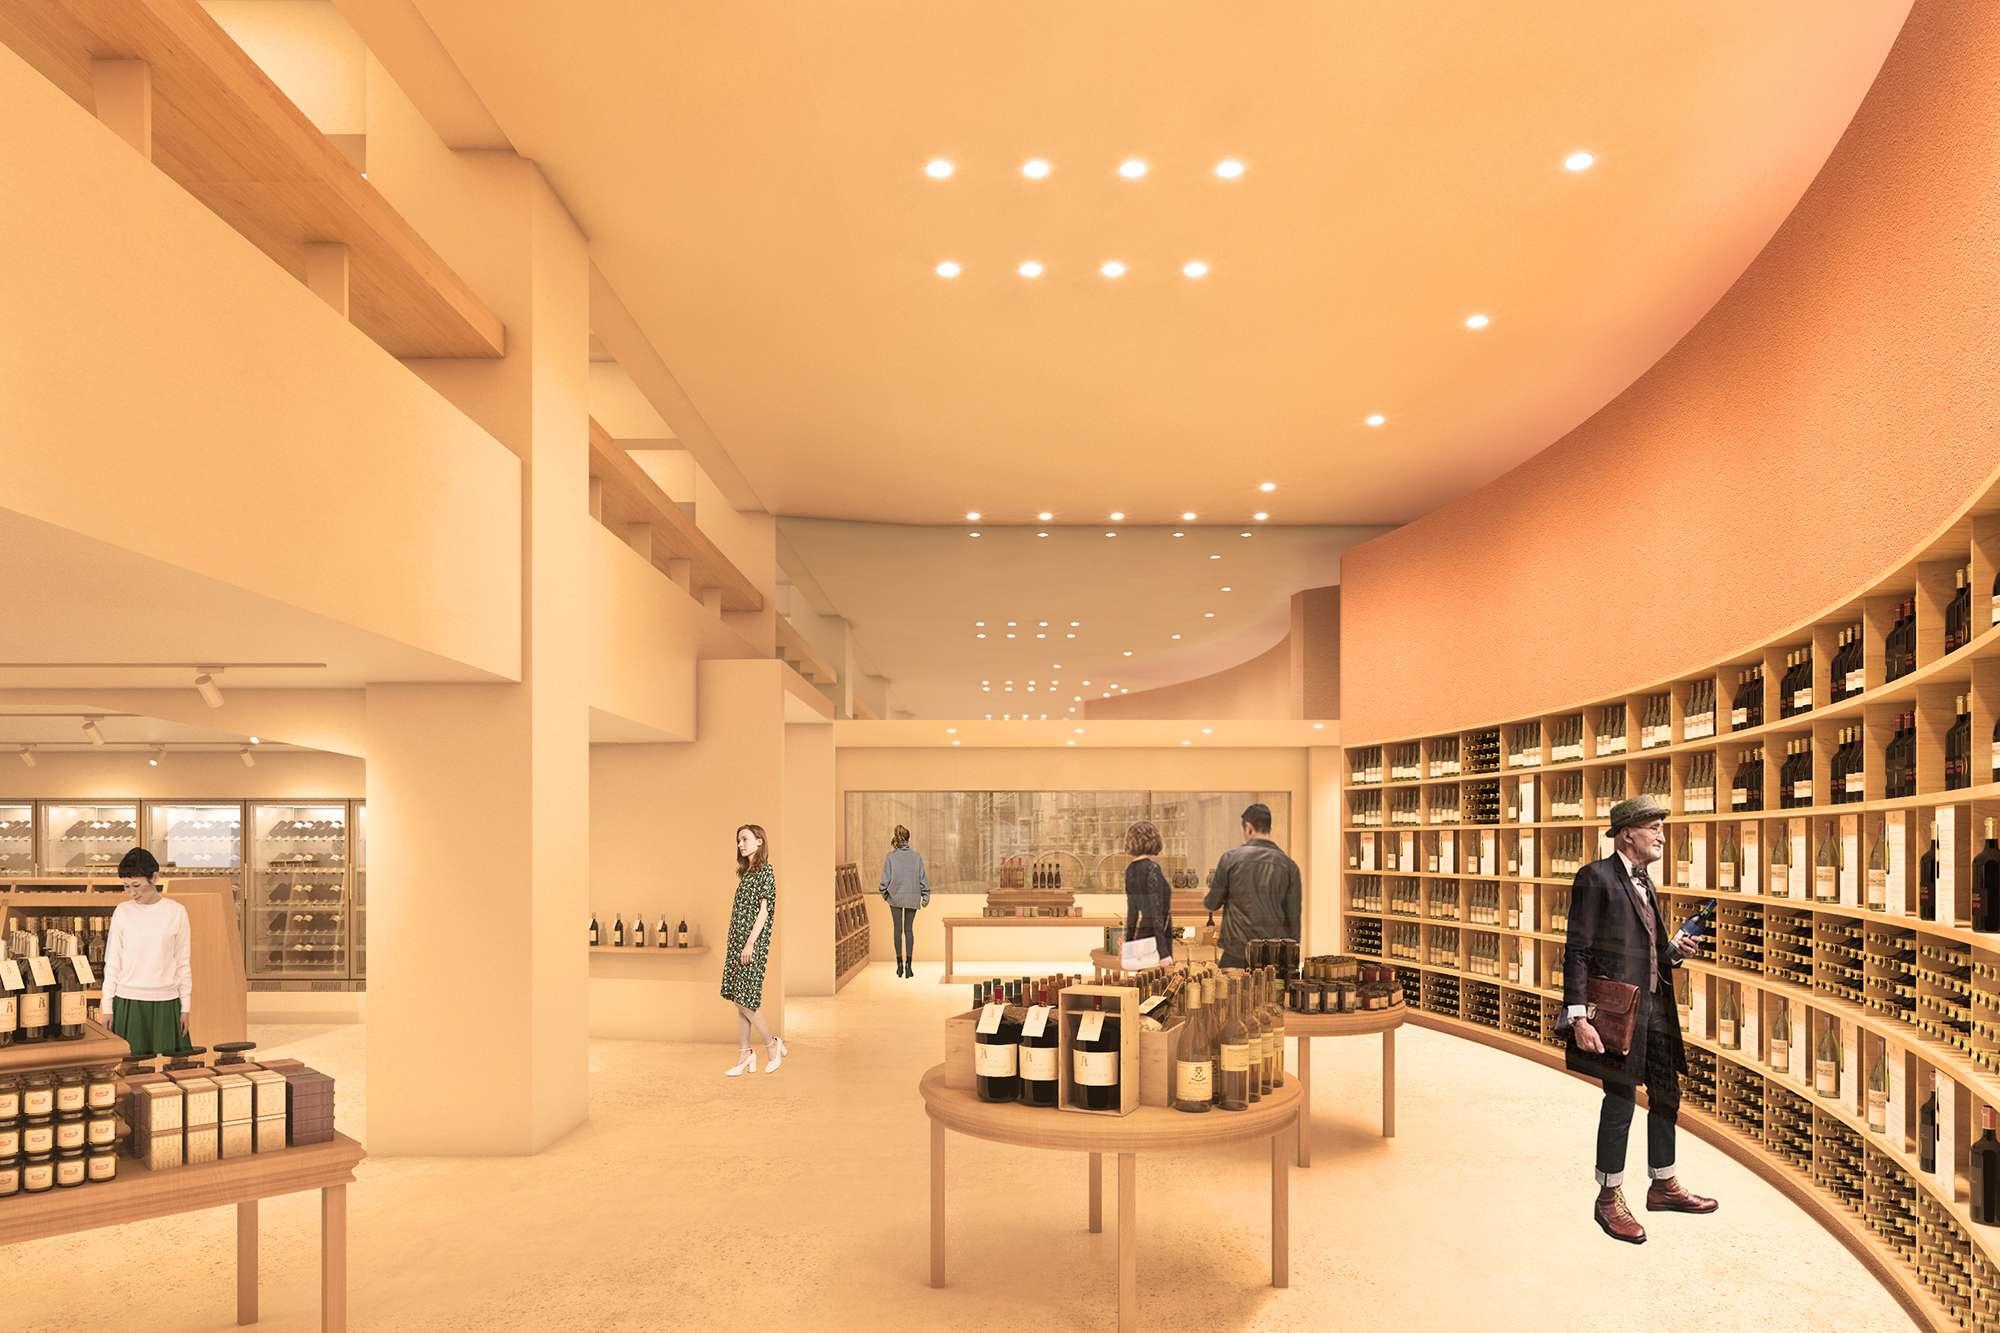 十勝ワイン ワイナリー / 池田ワイン城 - TOKACHI Winery / IKEDA Wine Castle